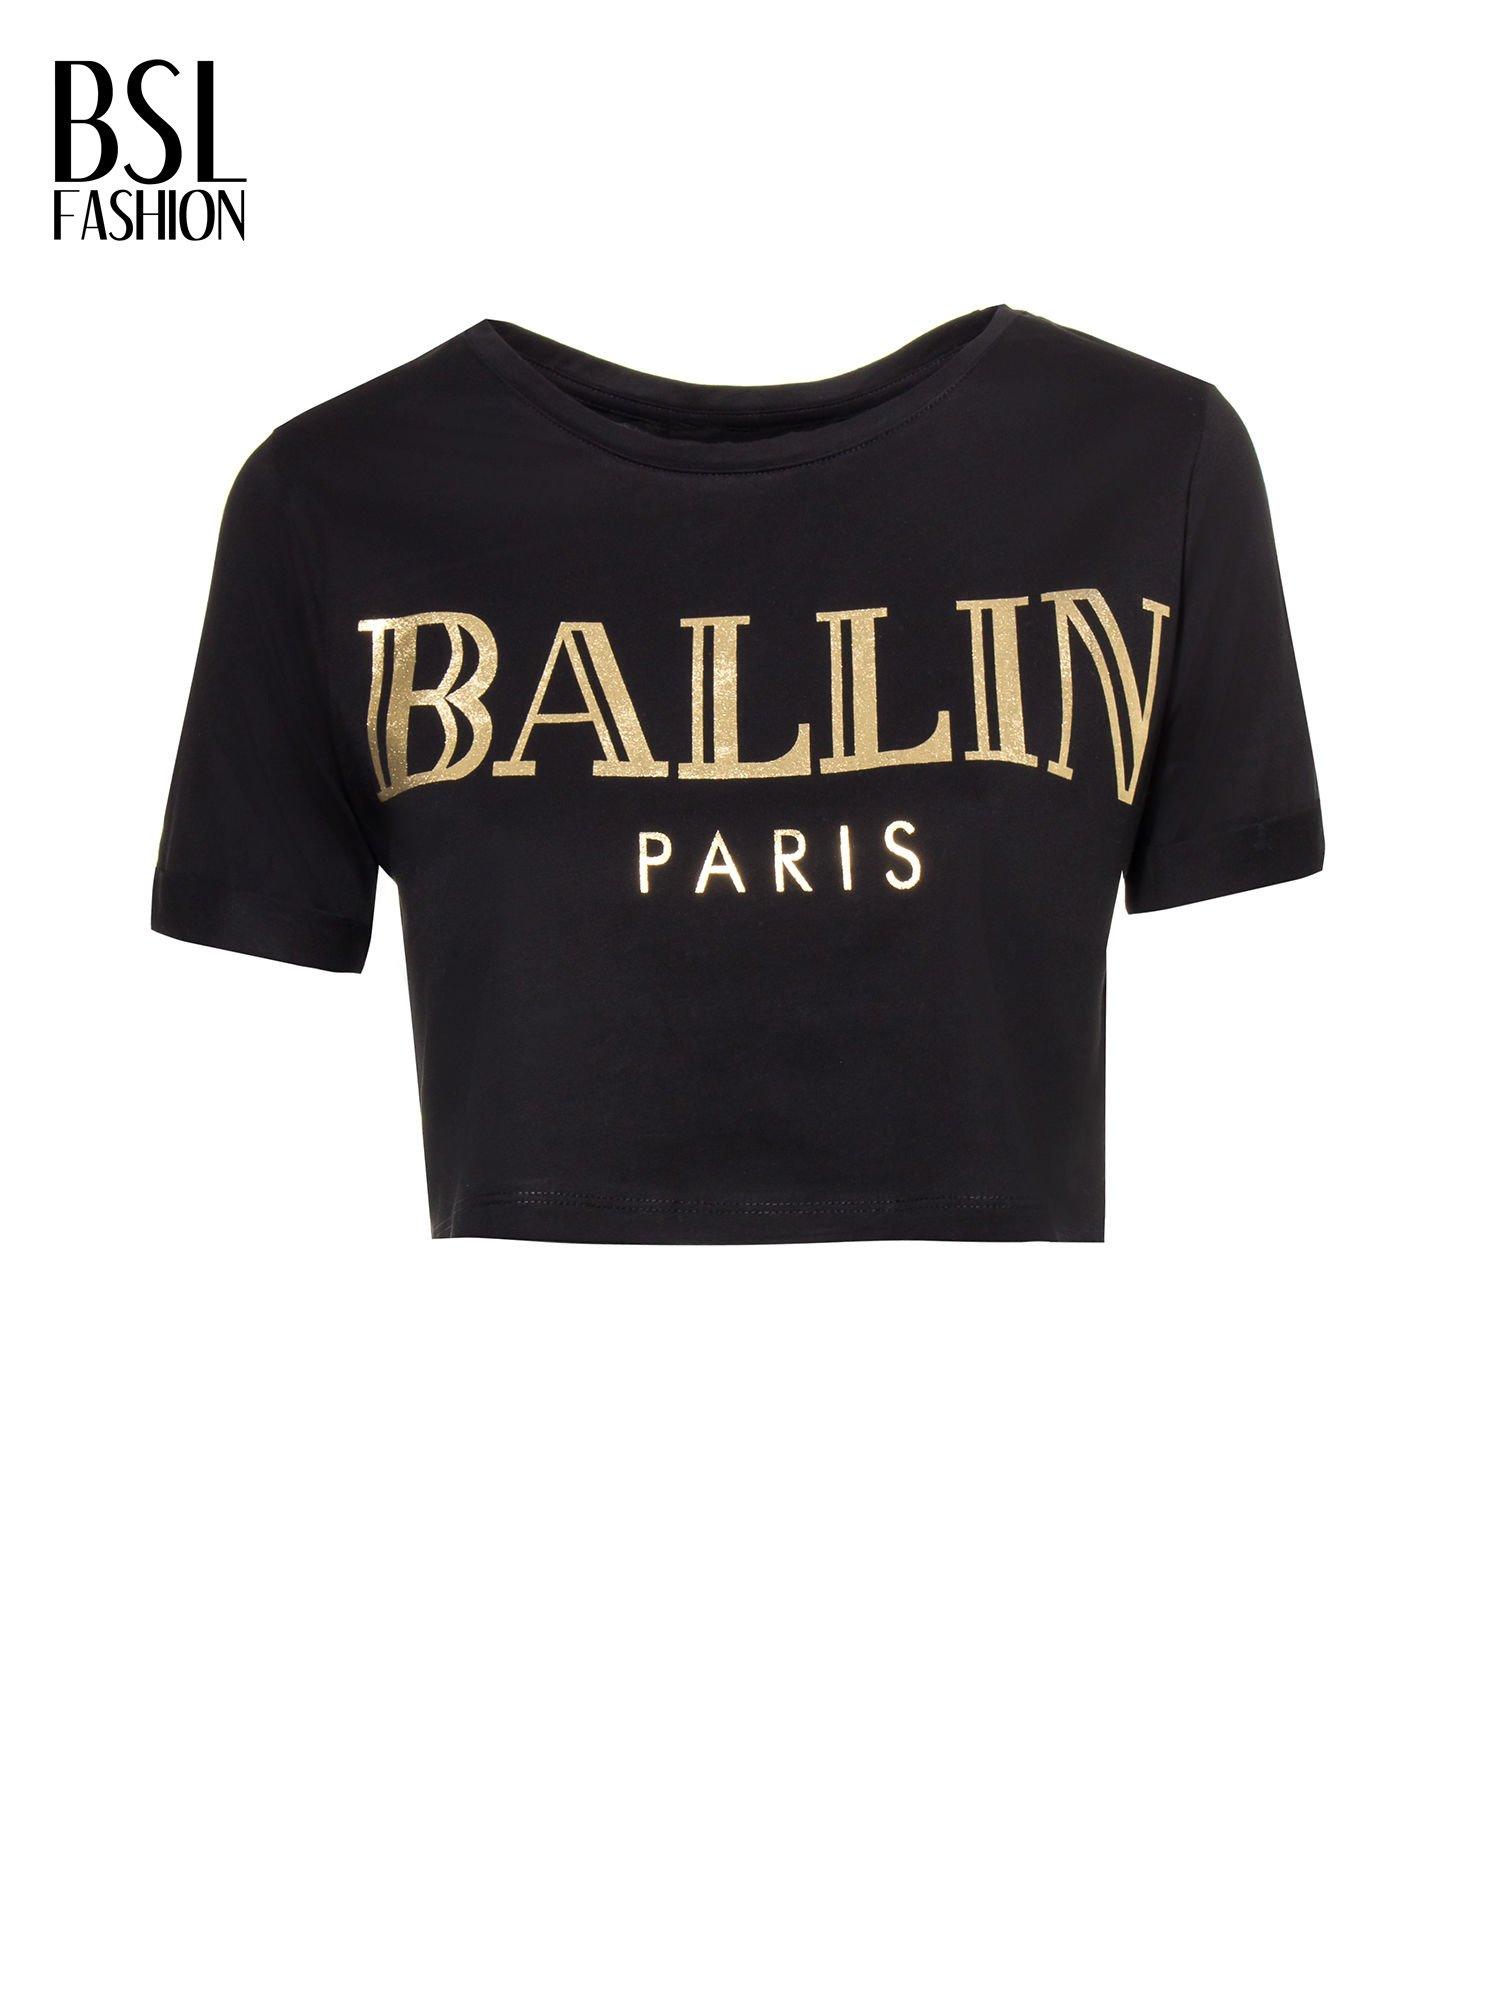 Czarny t-shirt typu crop top ze złotym napisem BALLIN PARIS                                  zdj.                                  2